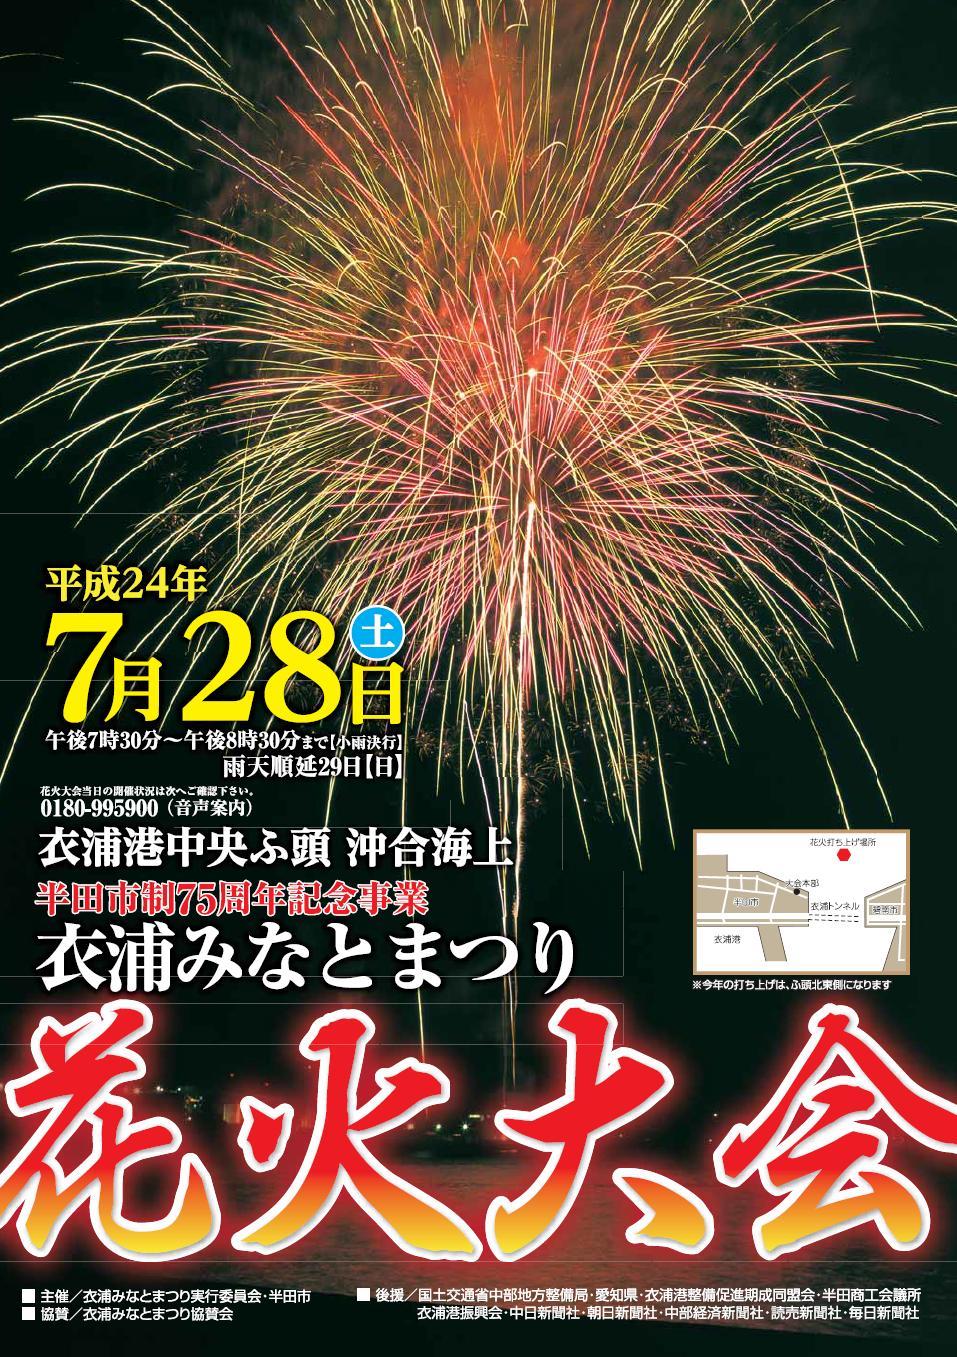 Kinuuraminatonatsuri20120728a